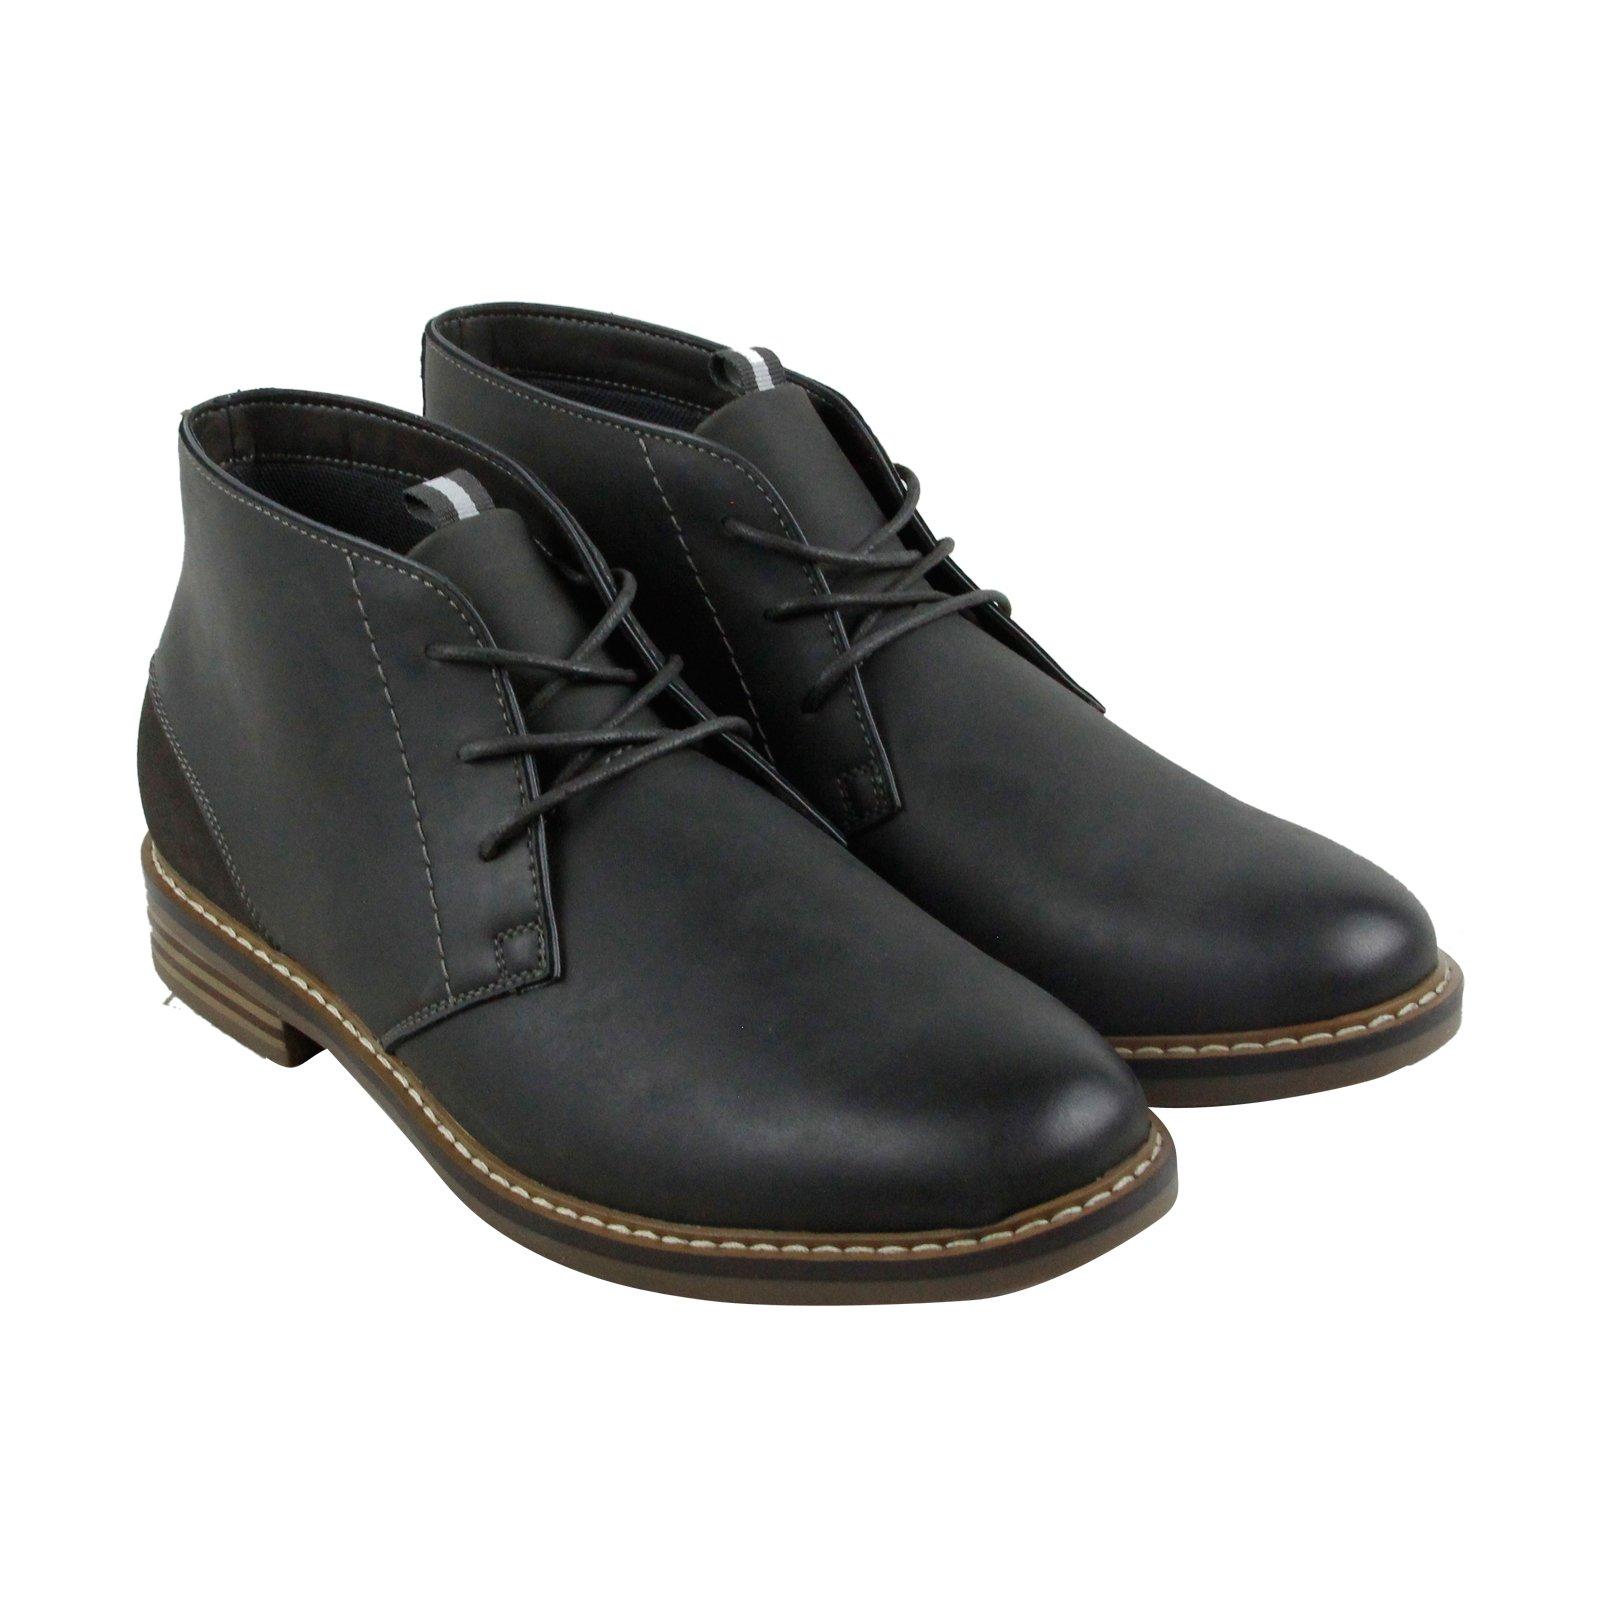 Madden Men's M-Edict Chukka Boot, Grey Nubuck, 10.5 M US